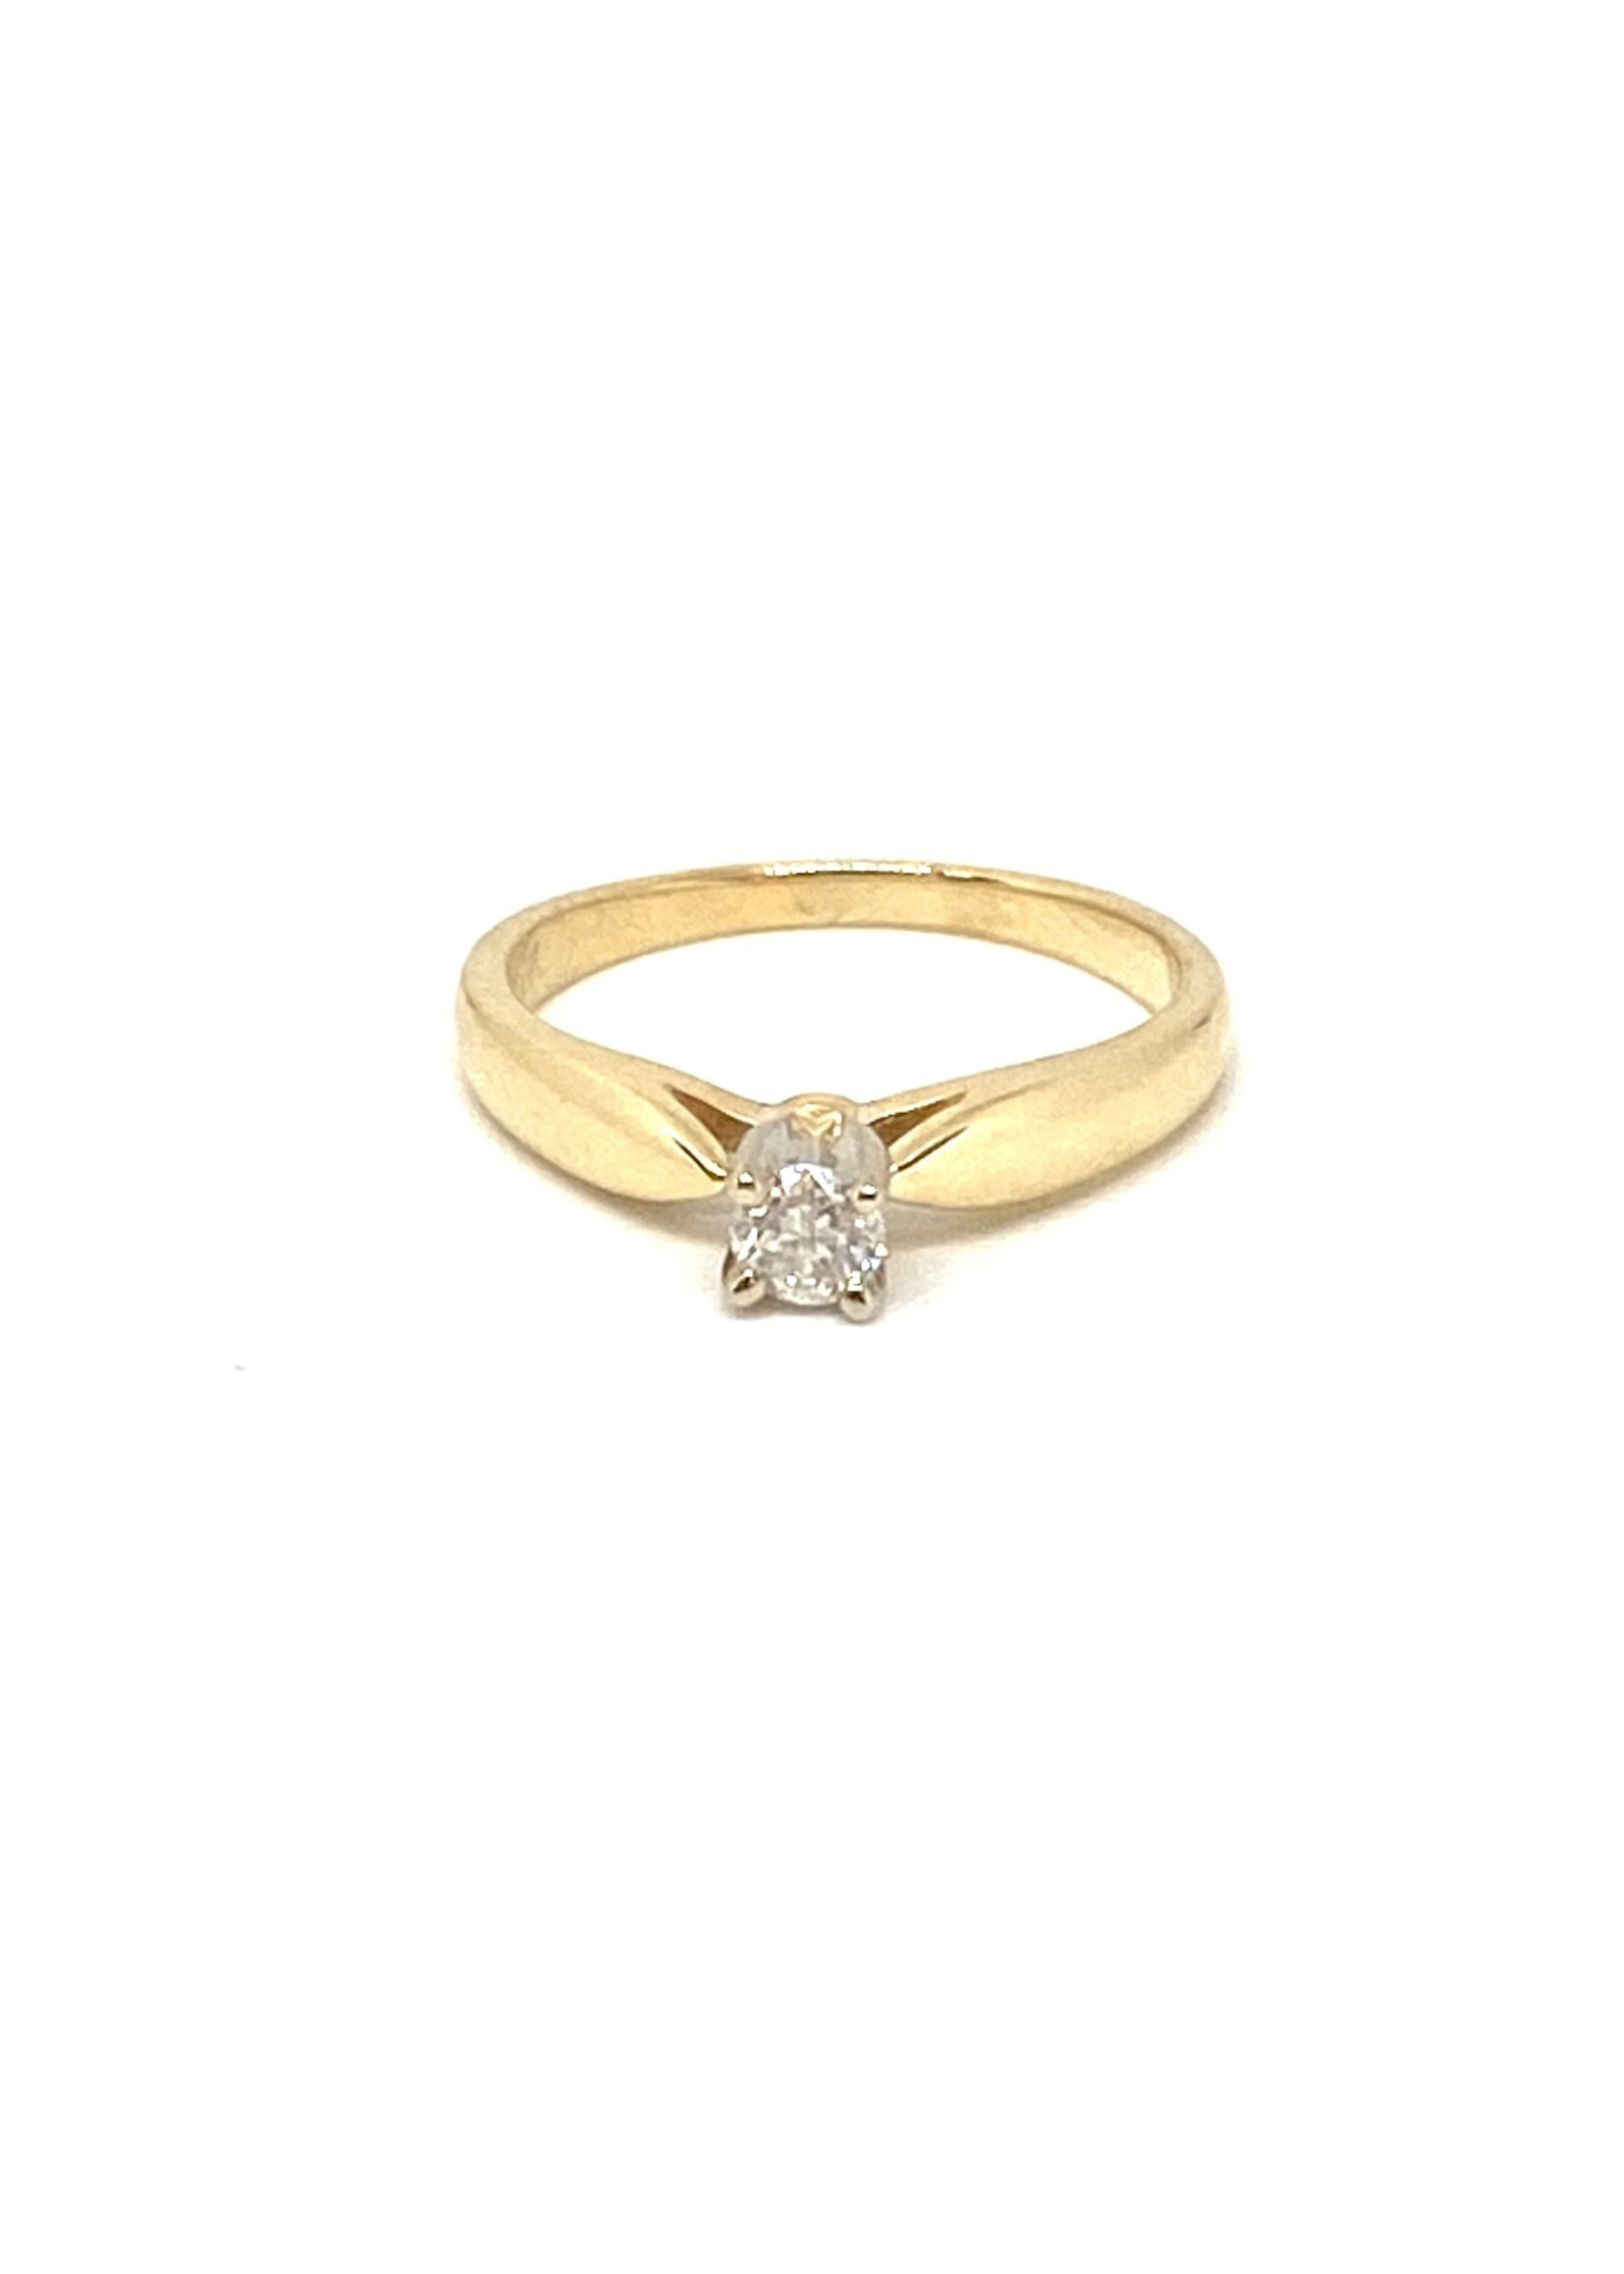 PARÉ Bague solitaire Or 10K 2 tons avec Diamants